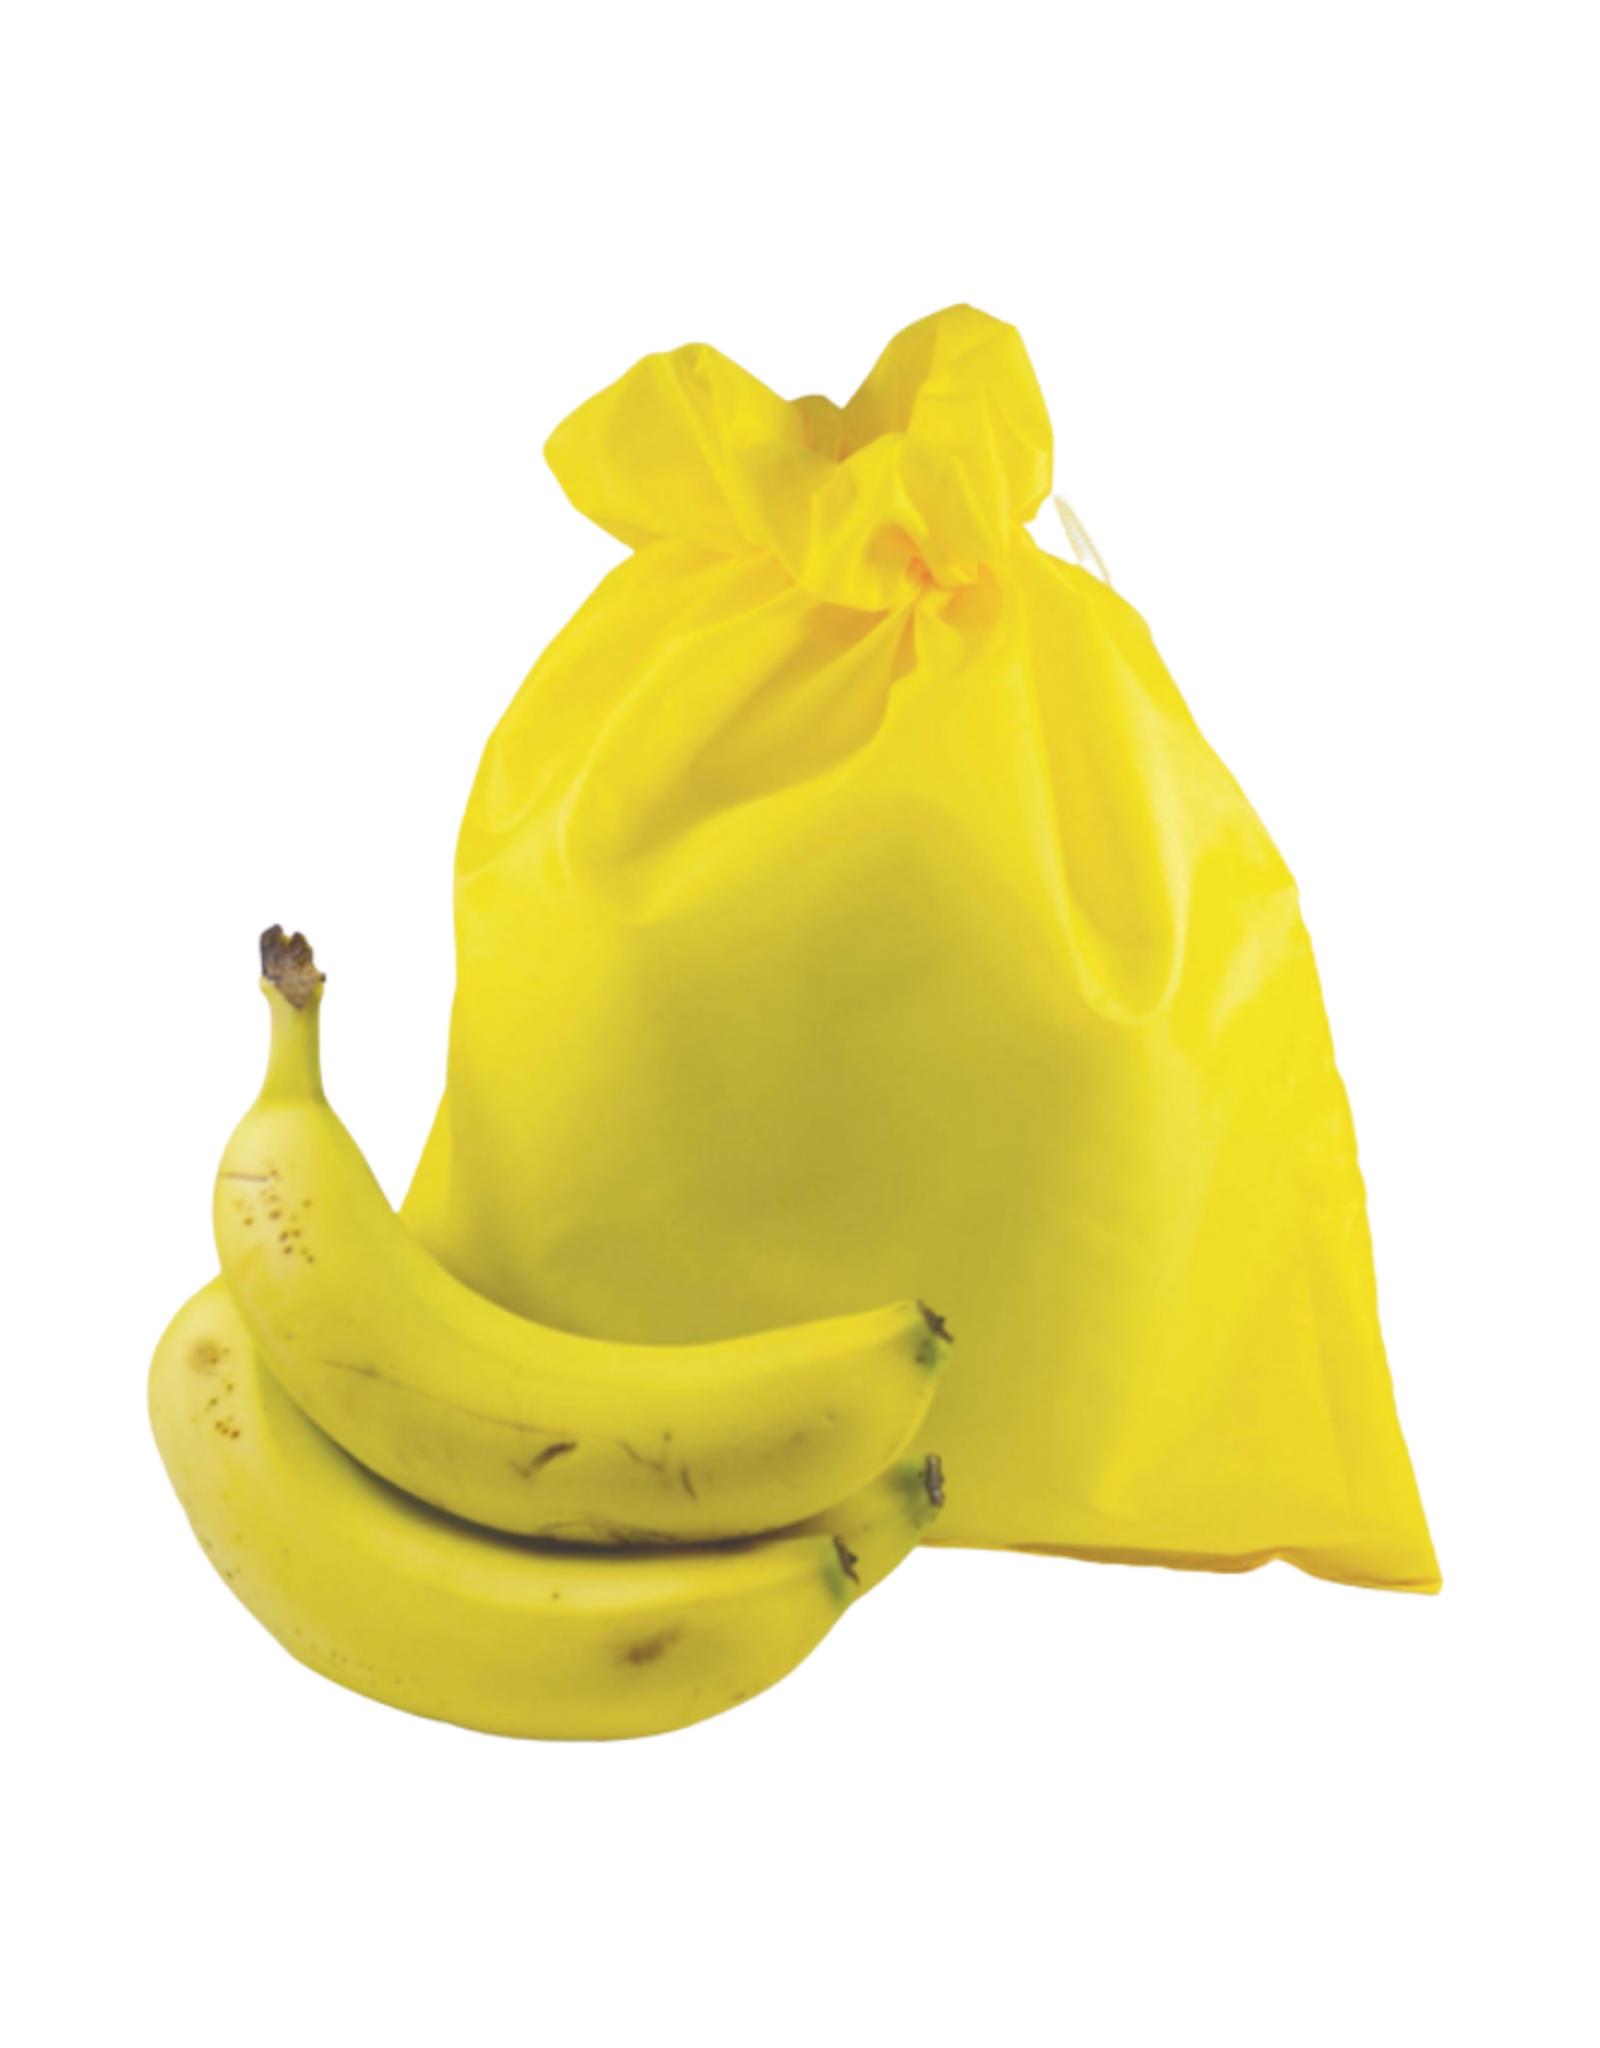 Sac de conservation pour bananes